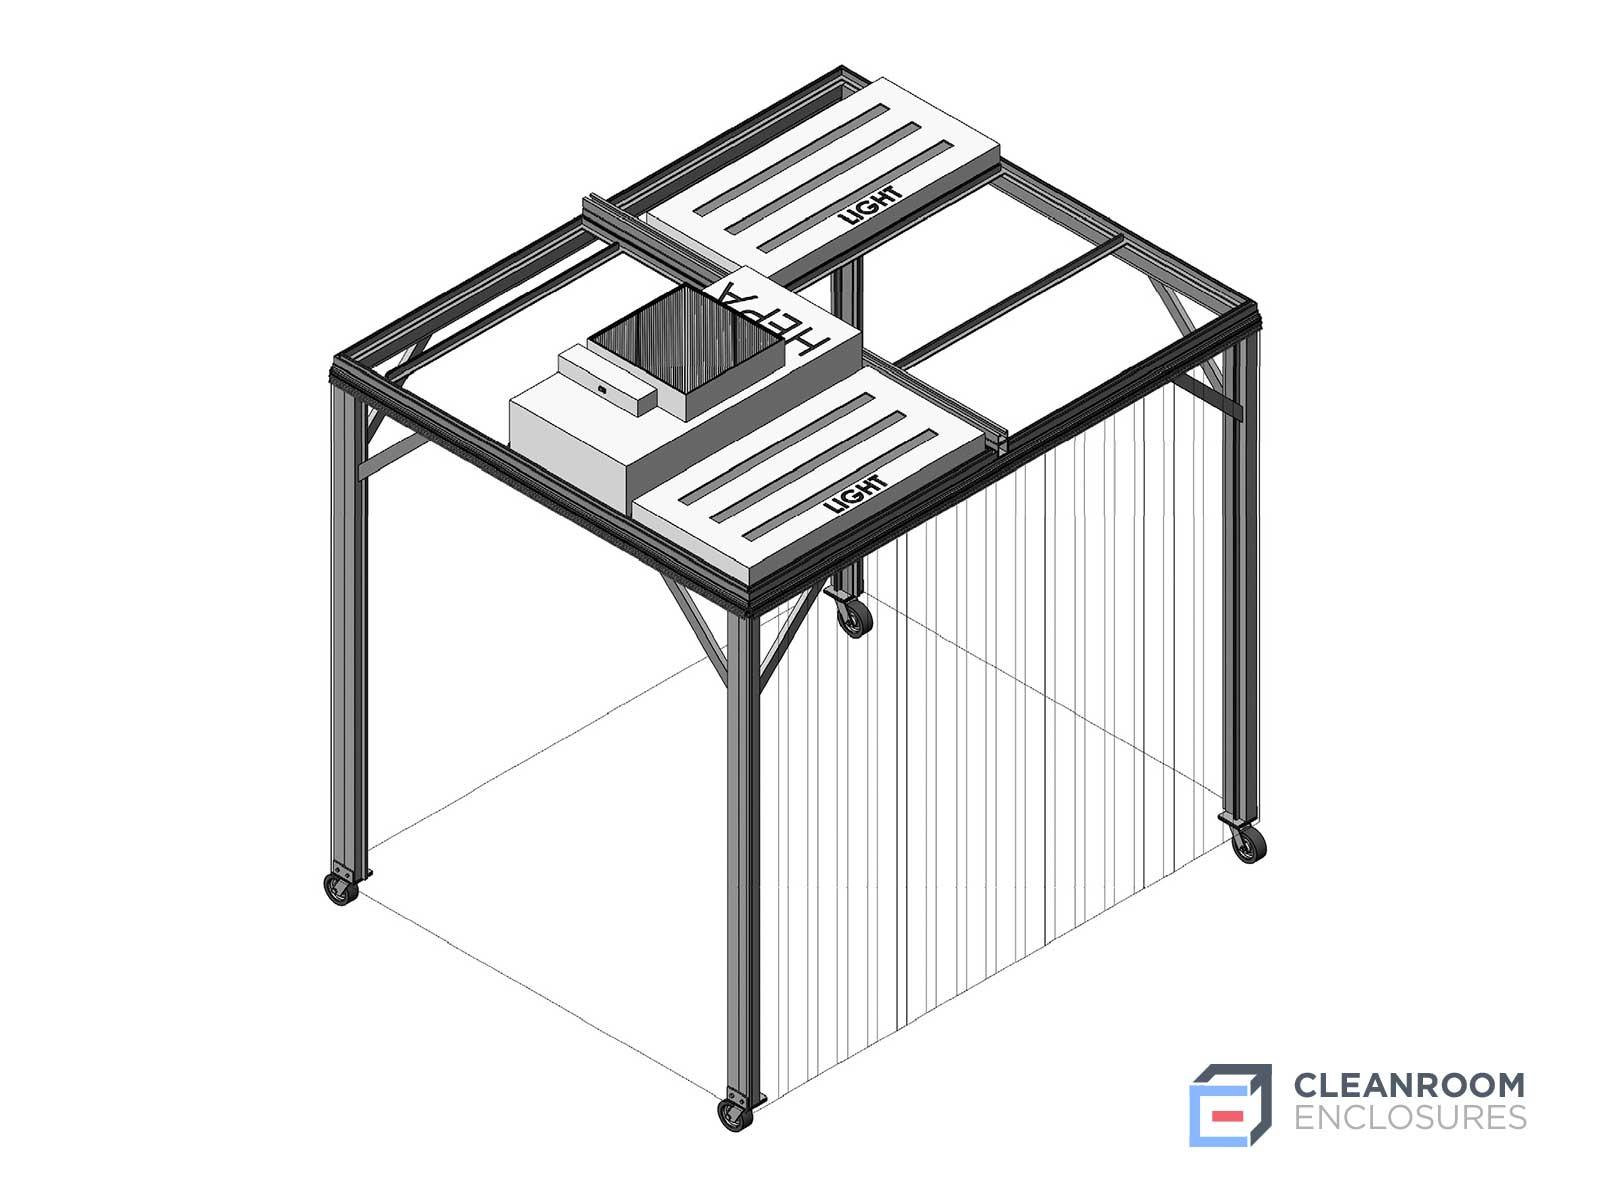 Square Modular Cleanroom Diagram